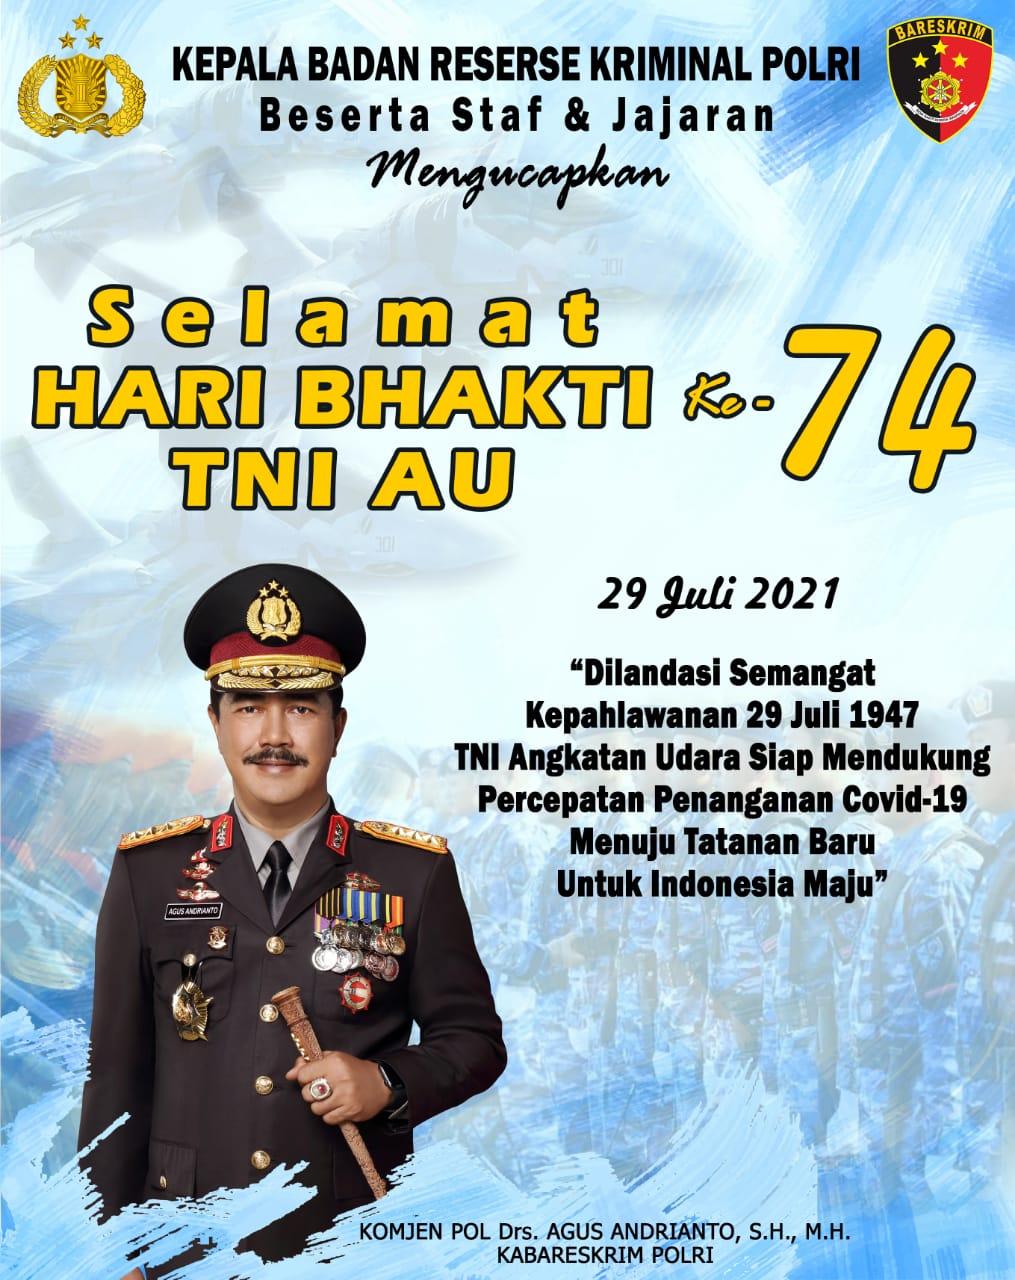 Selamat Hari Bhakti TNI AU - Kabareskrim Polri